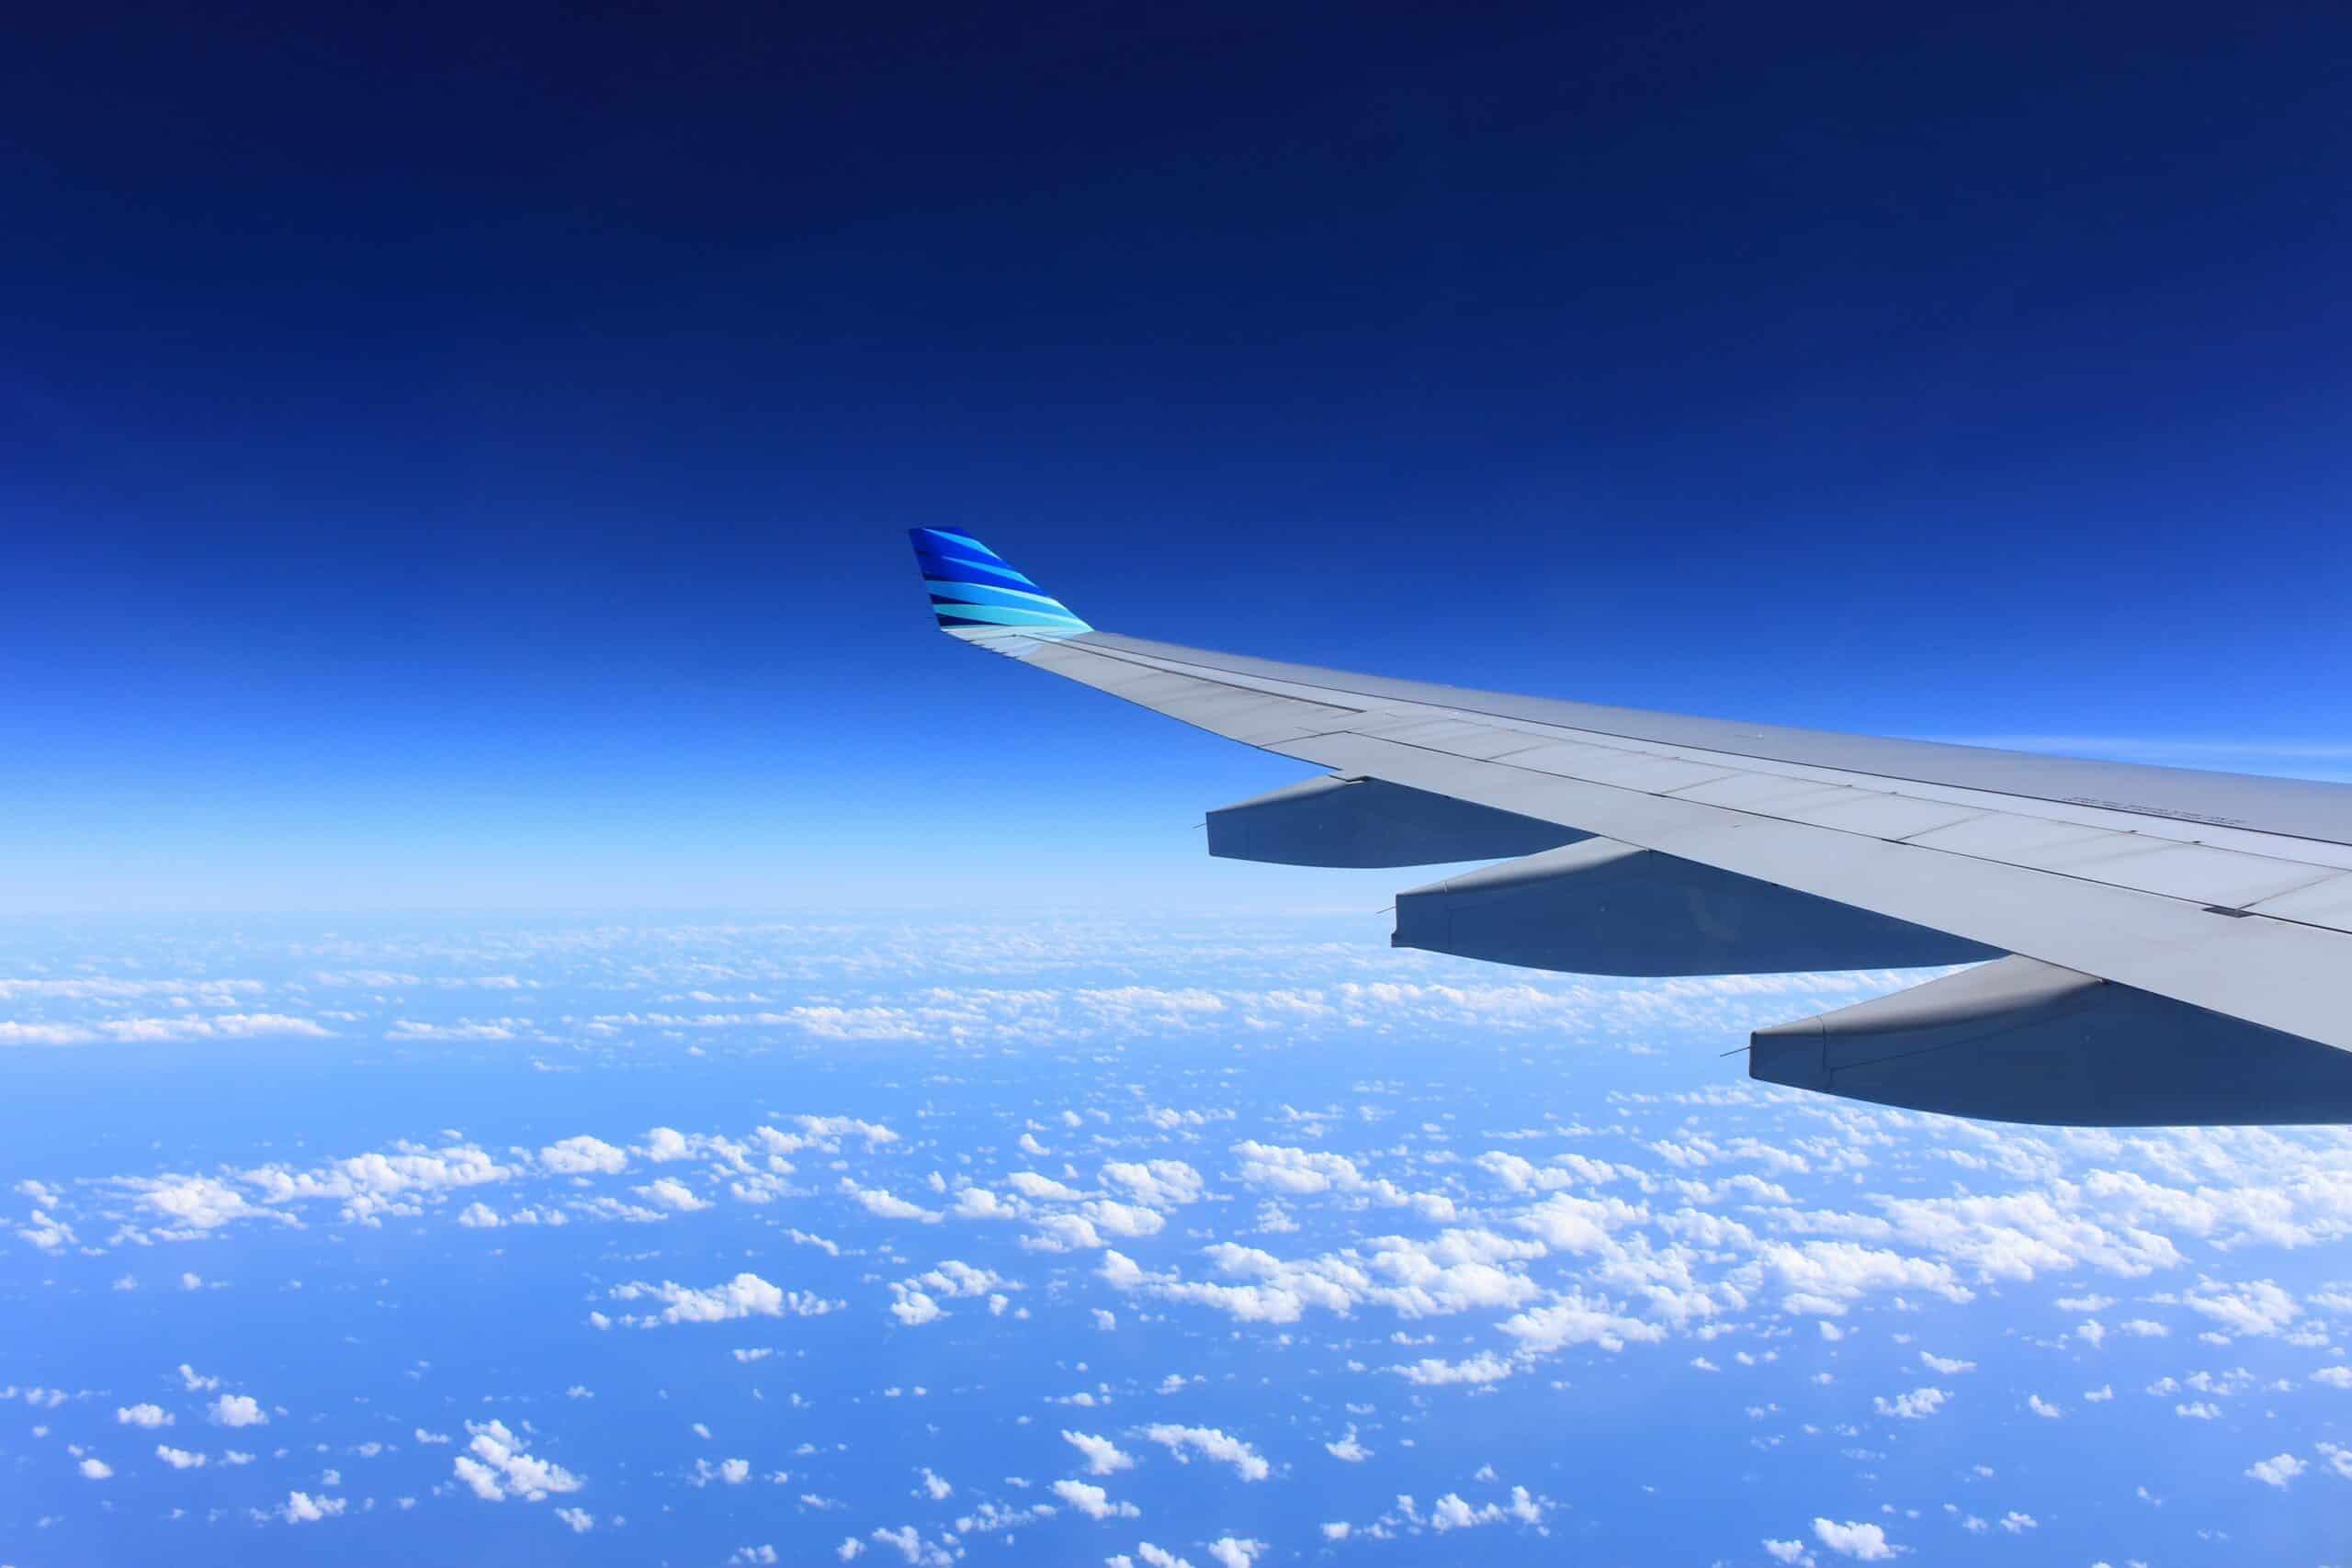 Flugzeug in der Luft - Werbebild